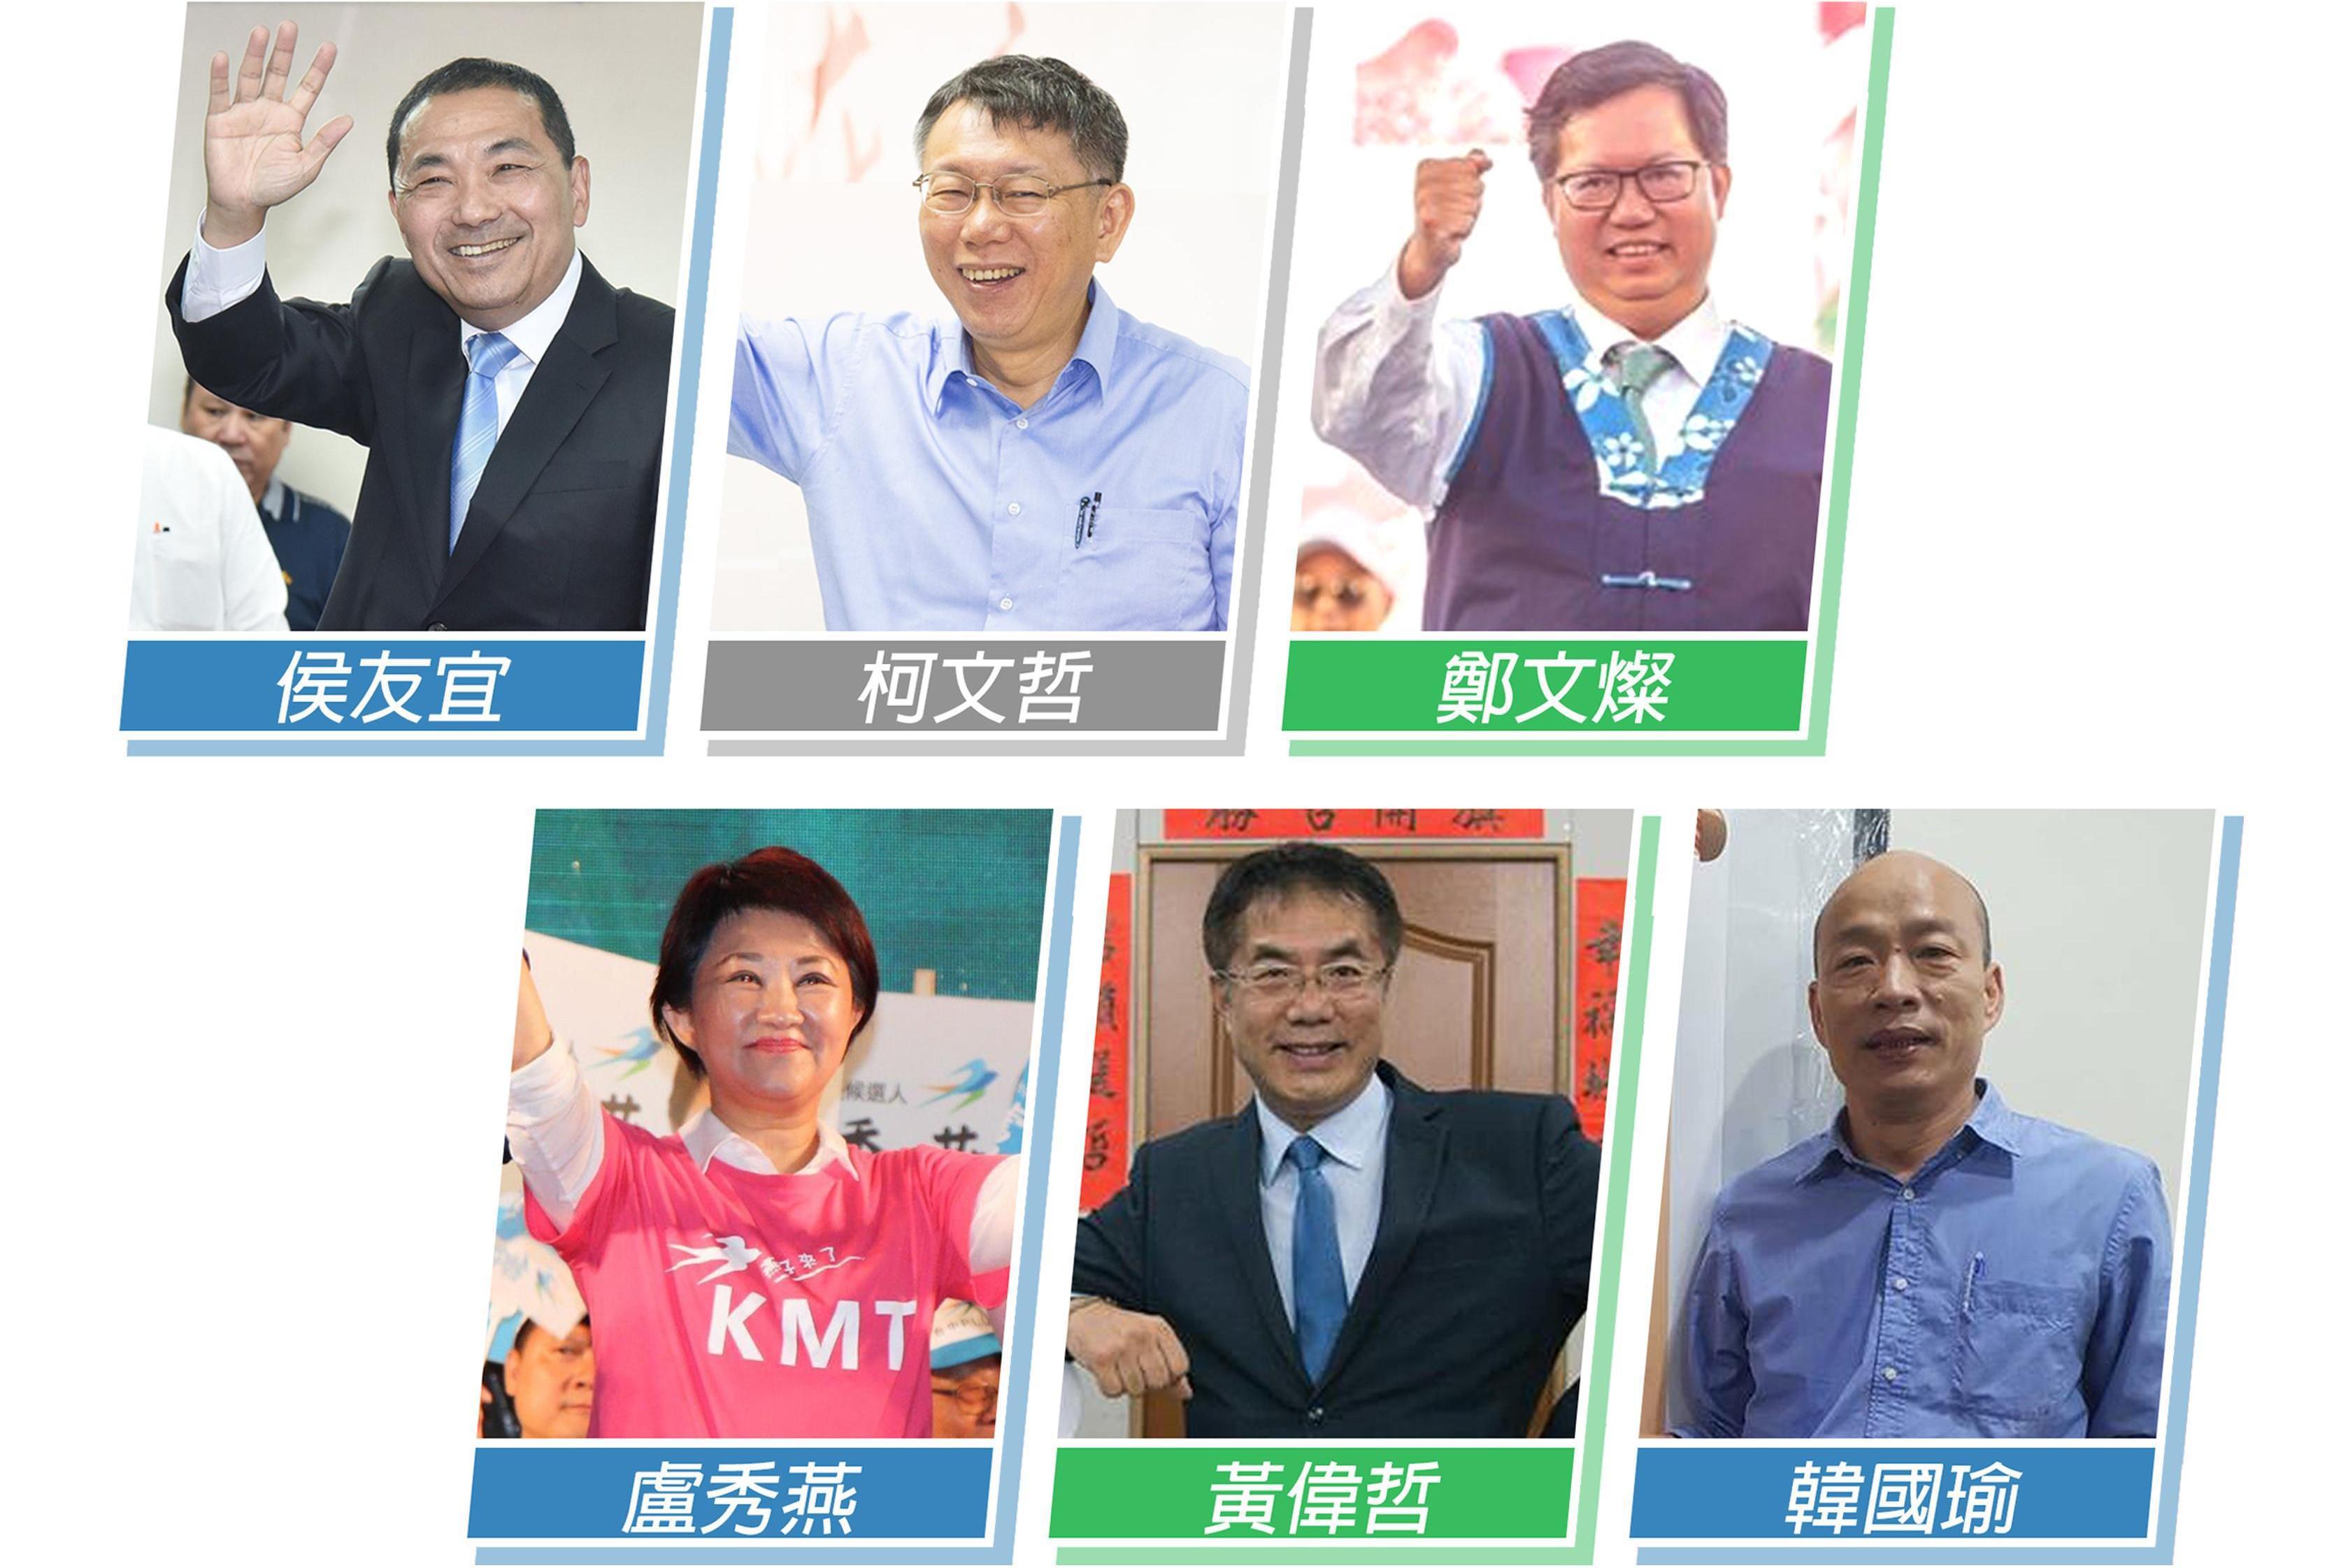 台湾六大都市市长就职百日满意度民调出炉:这两位竟赢过韩国瑜